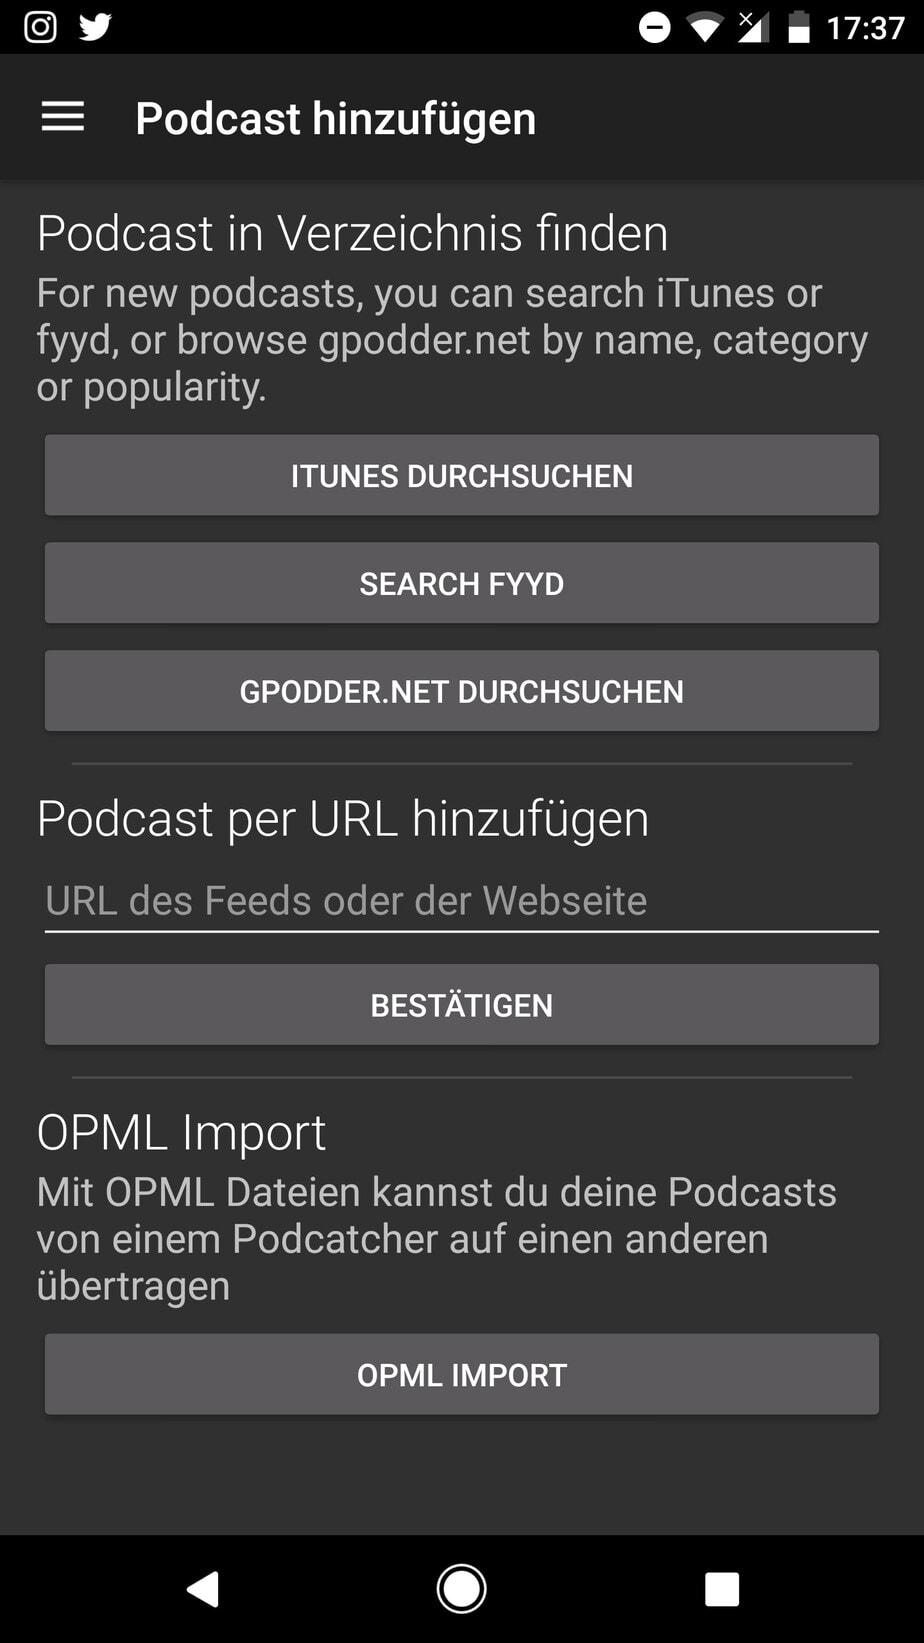 Zeit sinnvoll nutzen und Podcasts hören mit der richtigen Podcast App!